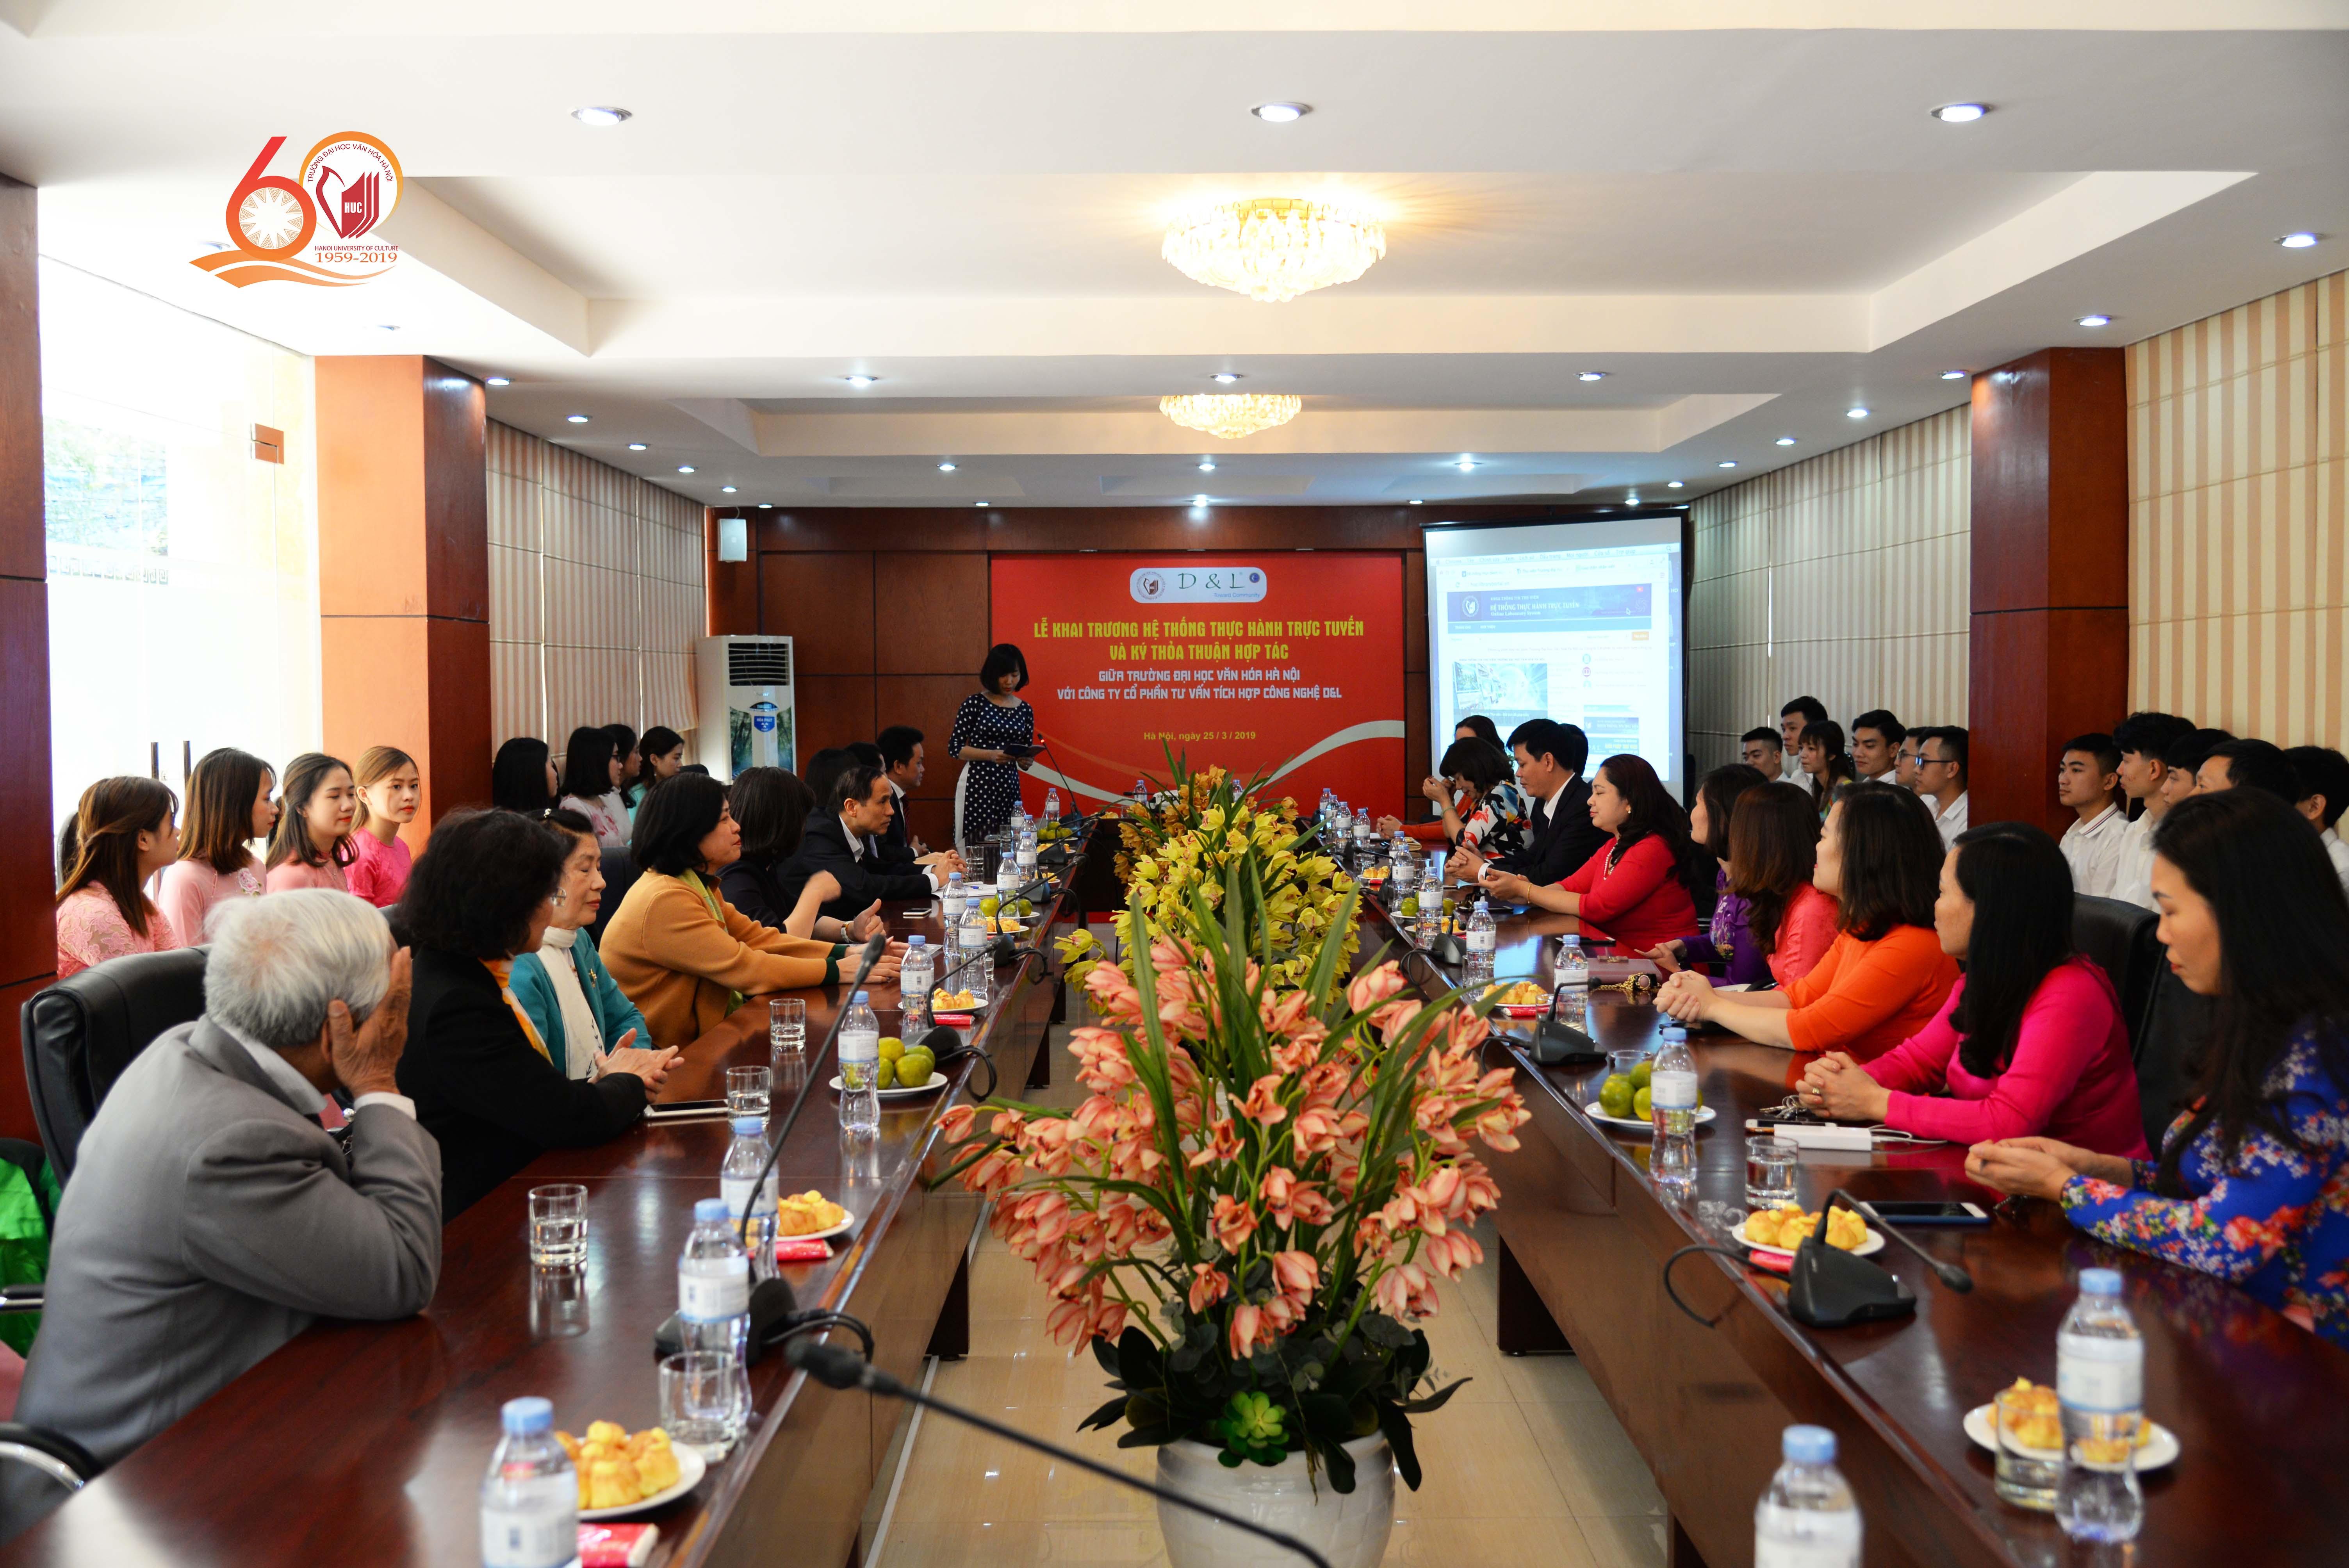 Khai trương Hệ thống thực hành trực tuyến và ký kết thoả thuận hợp tác giữa Trường Đại học Văn hóa Hà Nội và Công ty D&L